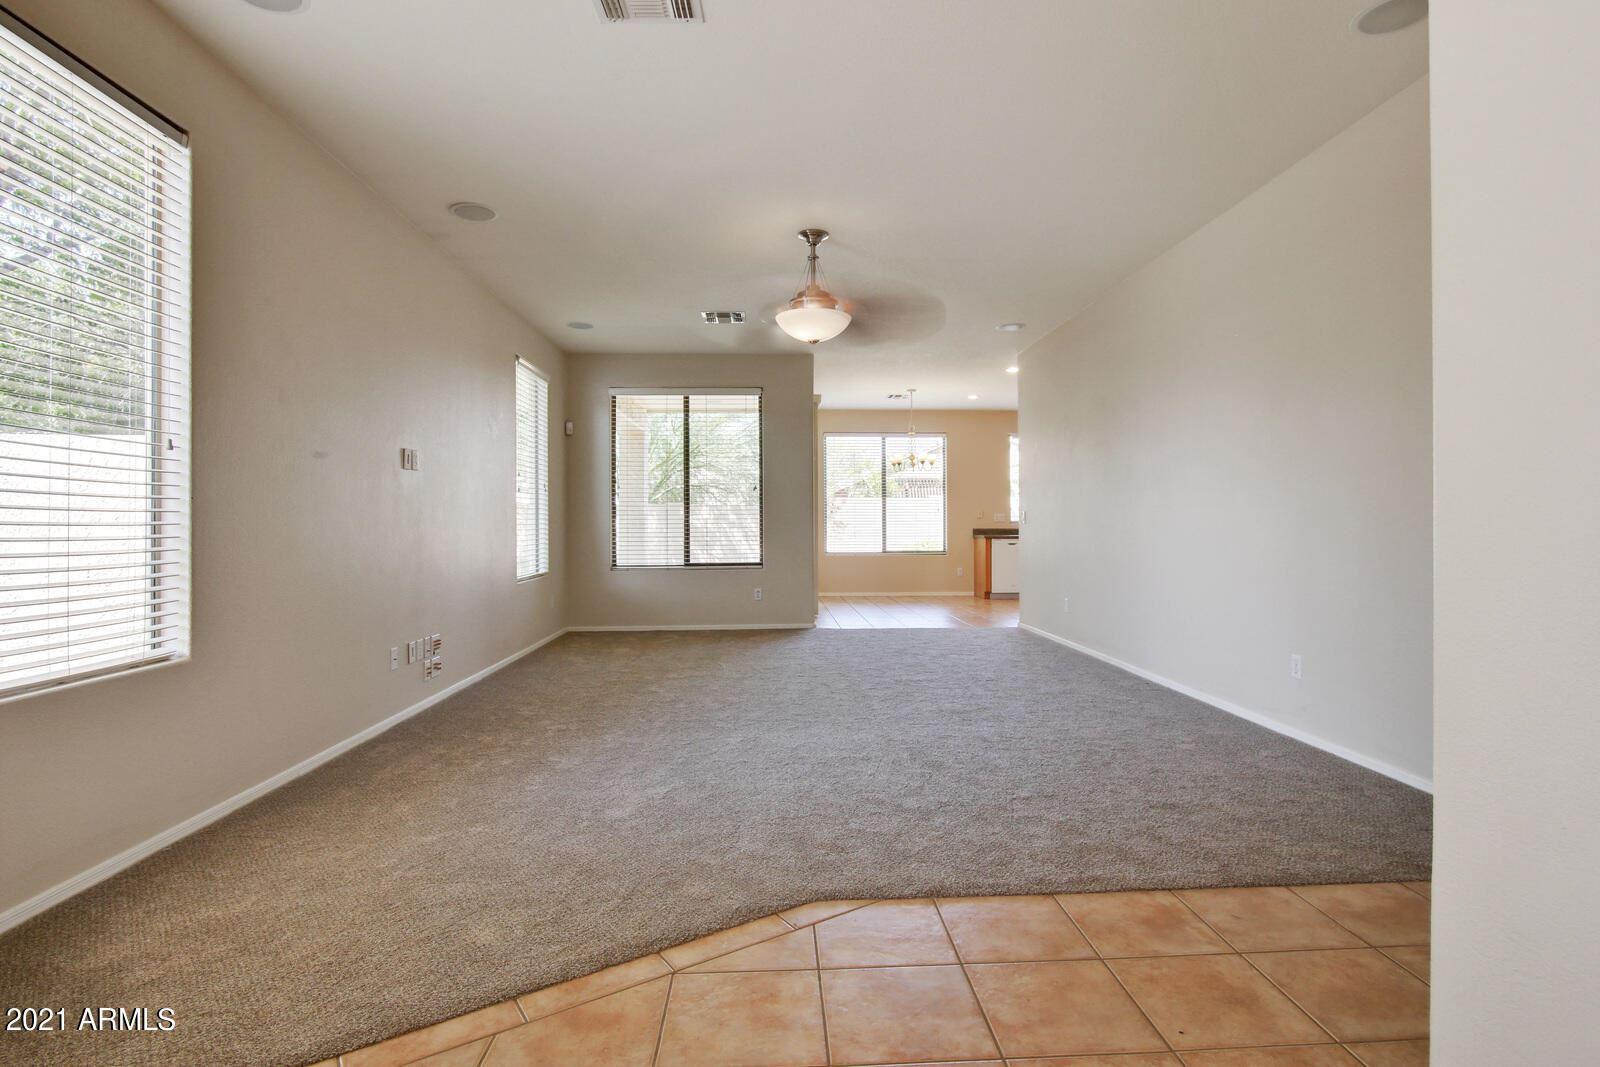 Photo of 1094 E TEMPLE Court, Gilbert, AZ 85296 (MLS # 6295535)